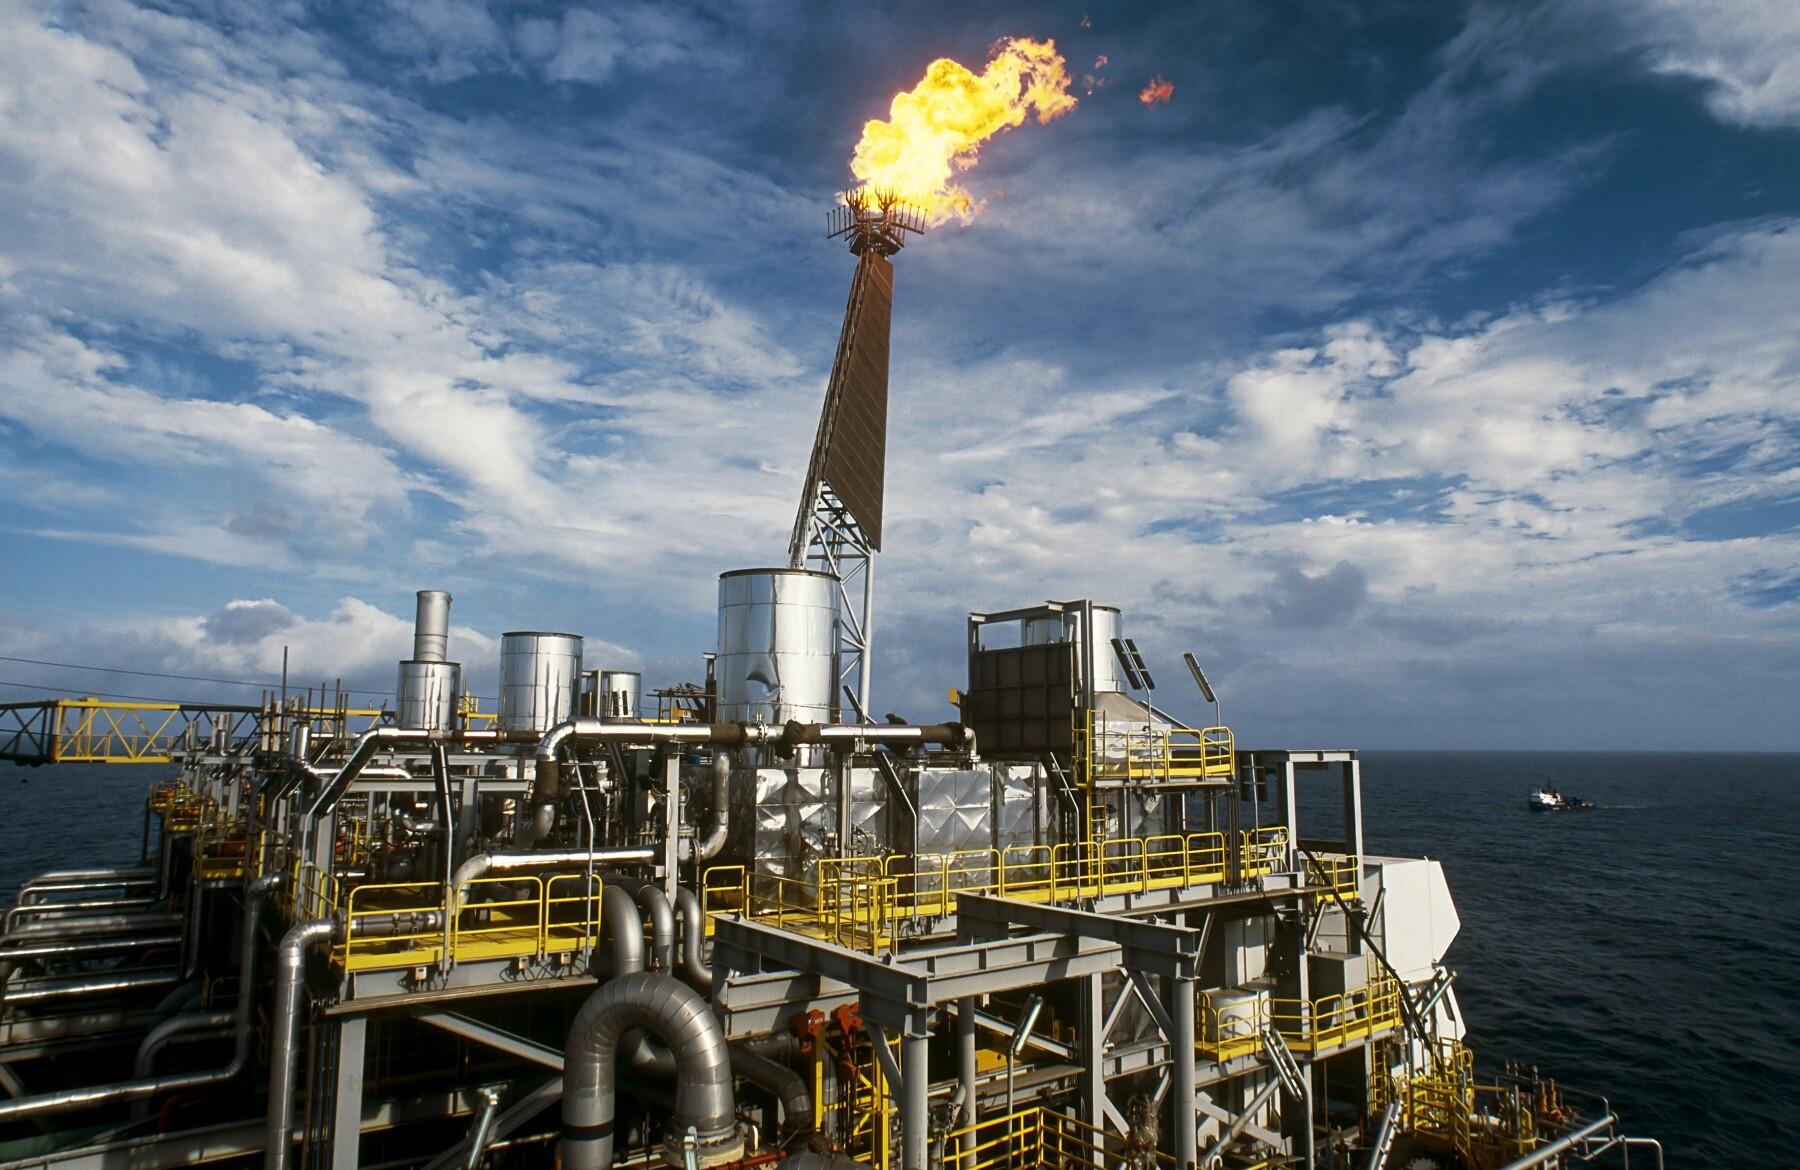 oil production plataform